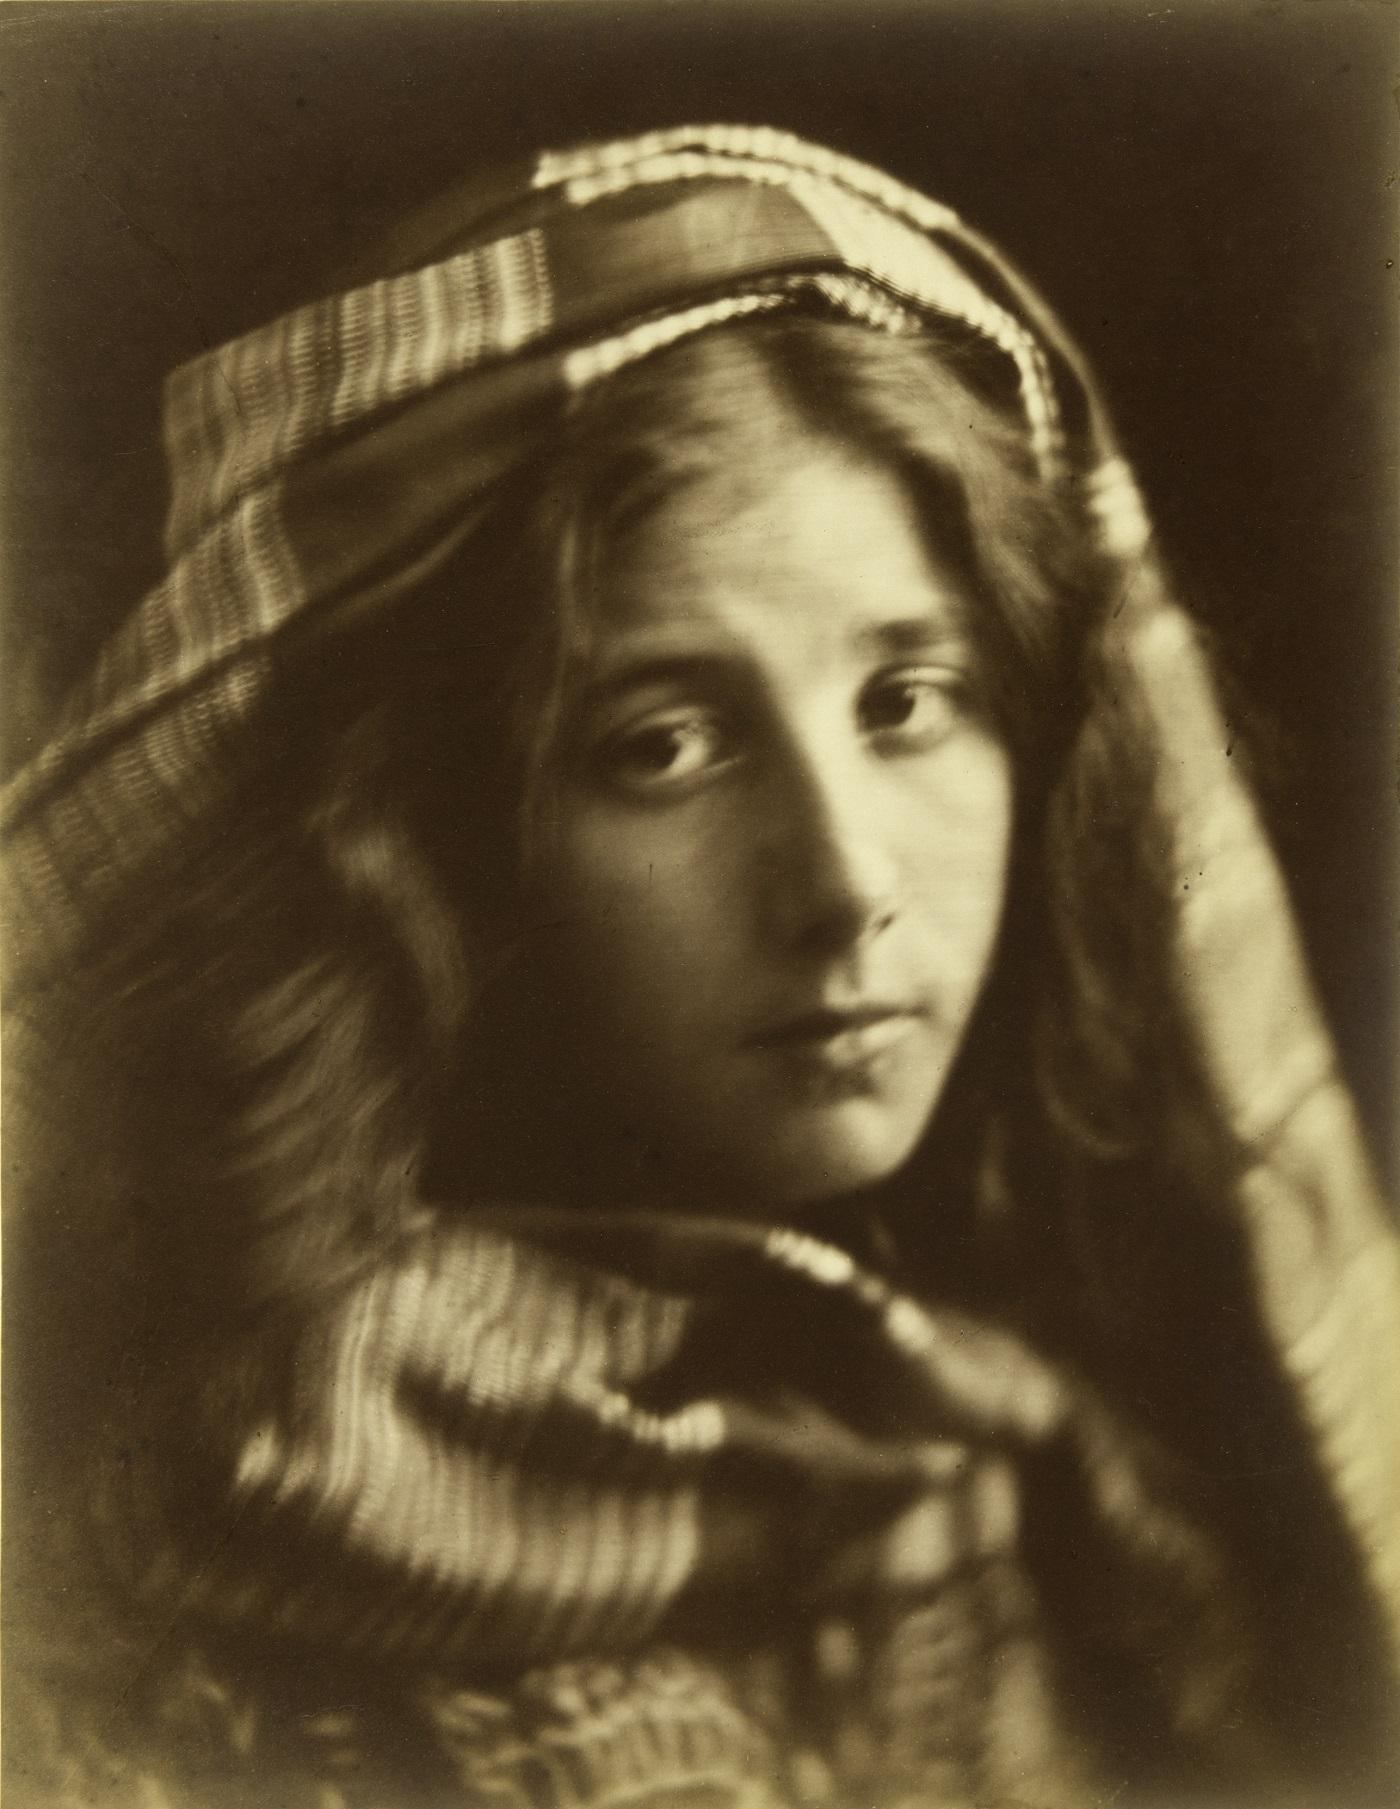 Julia Margaret Cameron (1815–79), Een studie van de Cenci, 1868, Albuminedruk, Hans P. Kraus, Jr. Fine Photographs, New York